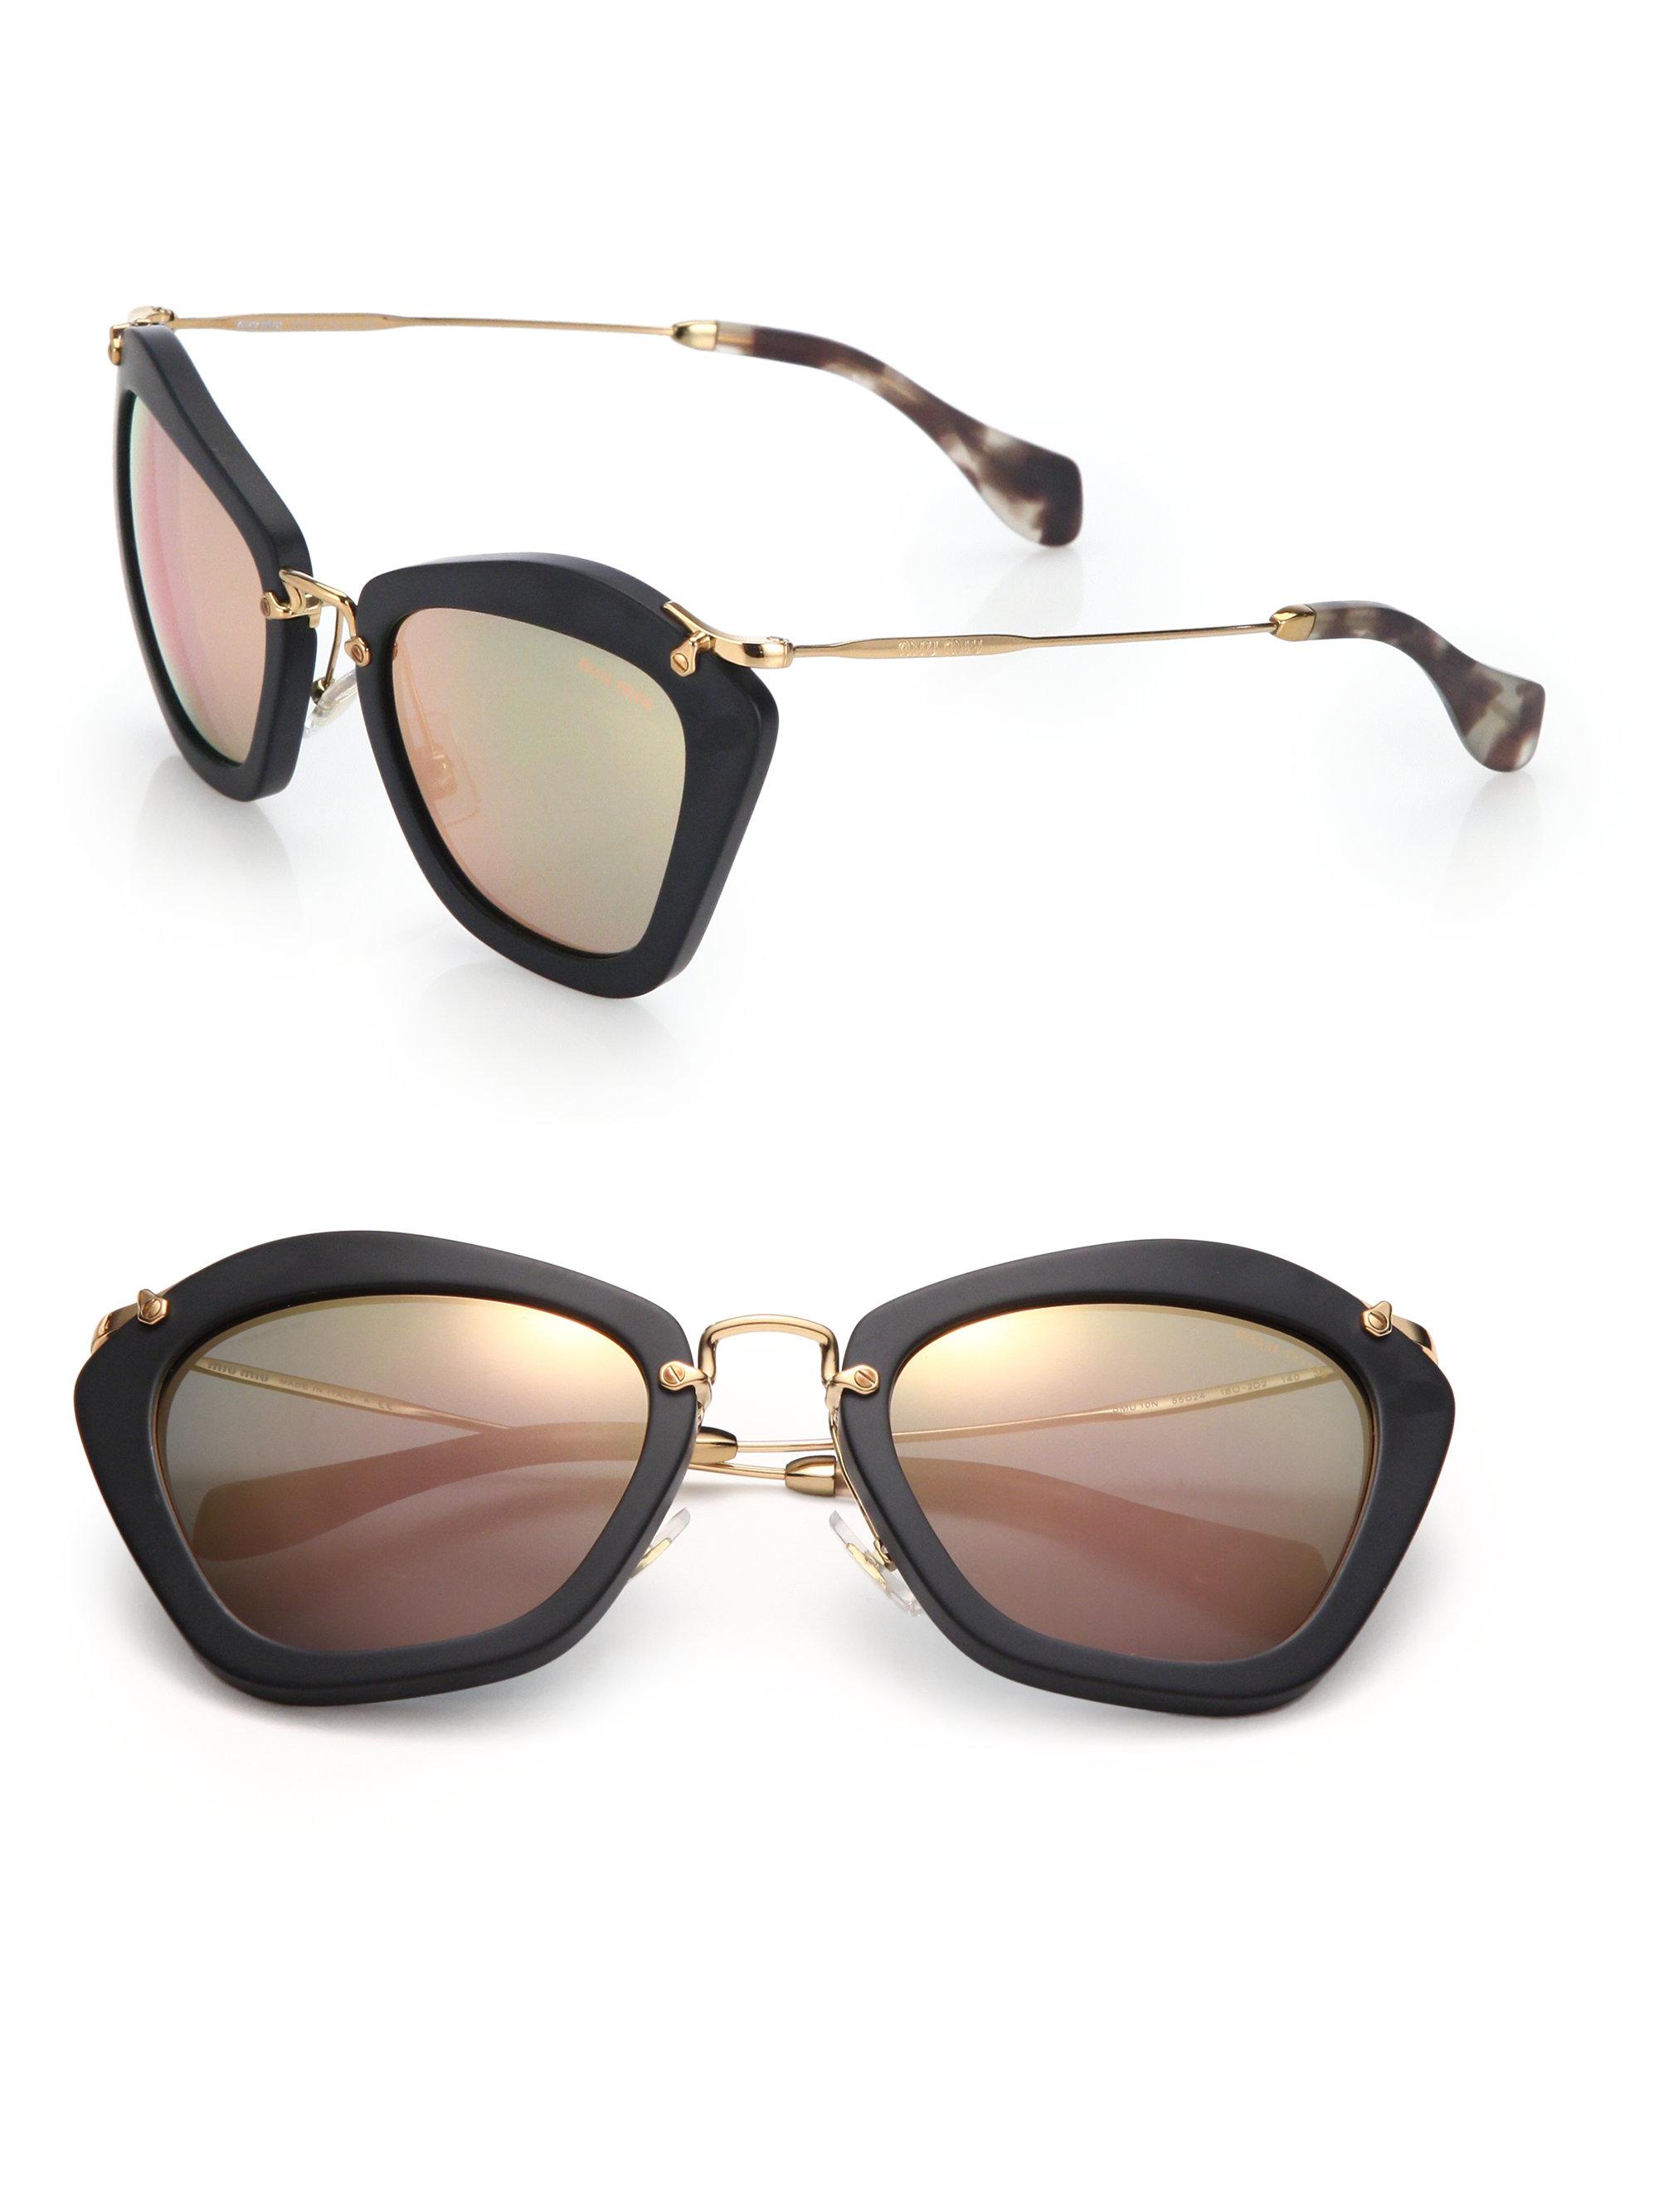 Miu Miu Cat Eye Sunglasses Pink   Louisiana Bucket Brigade 09cd05a074